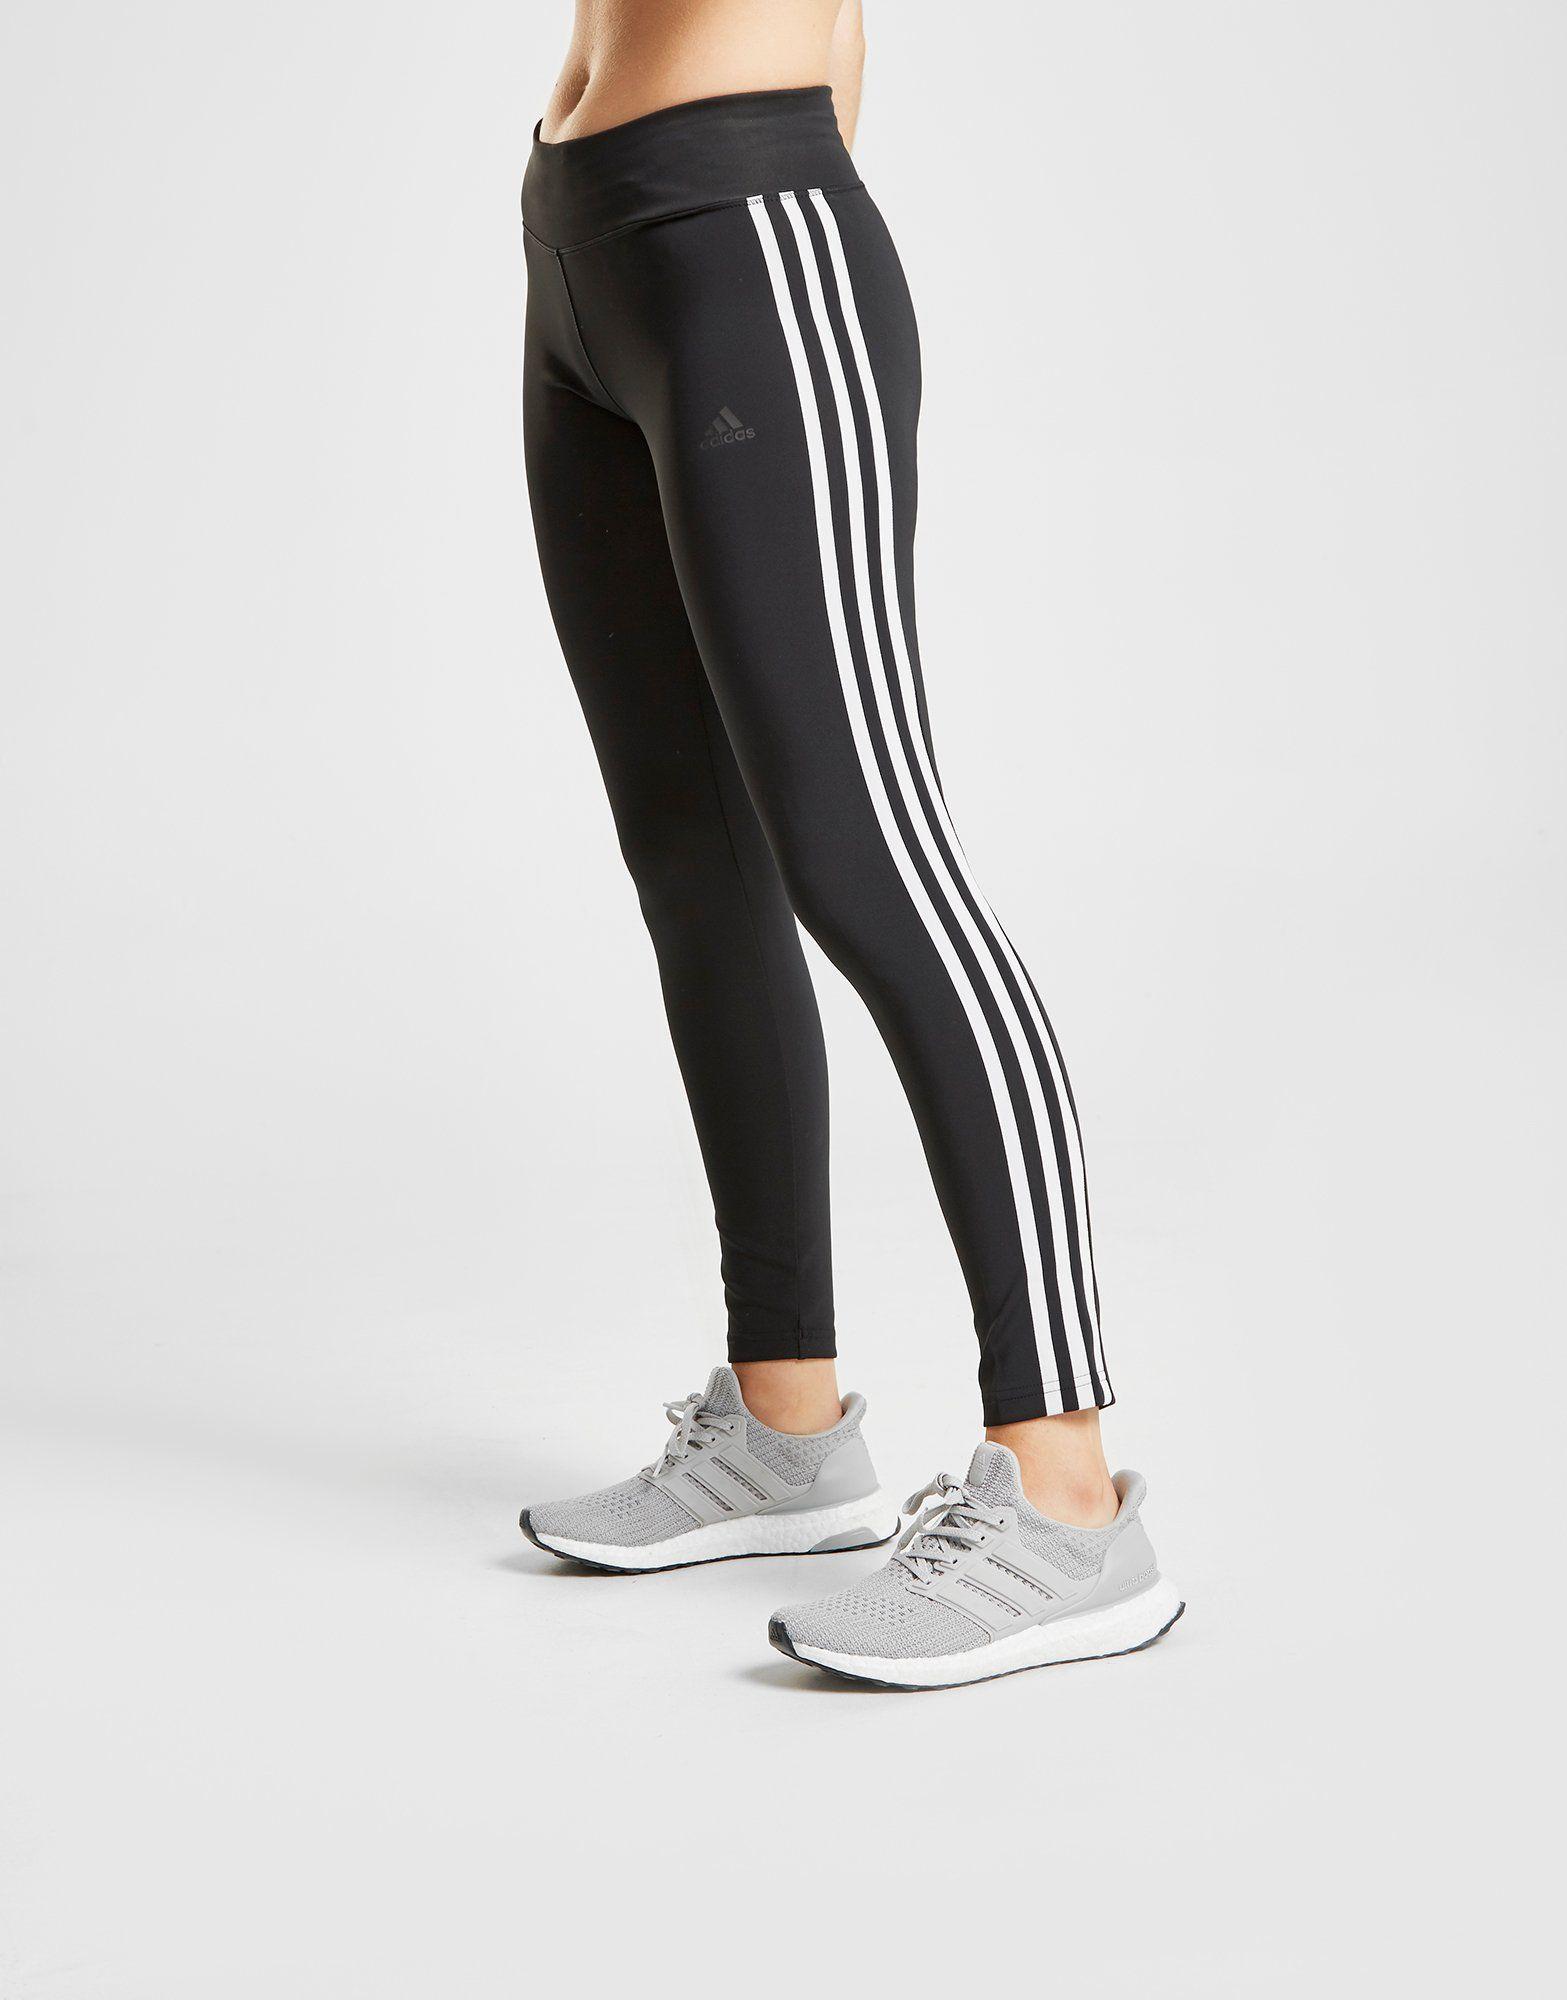 adidas 3 strisce essenziale calzamaglia jd sports